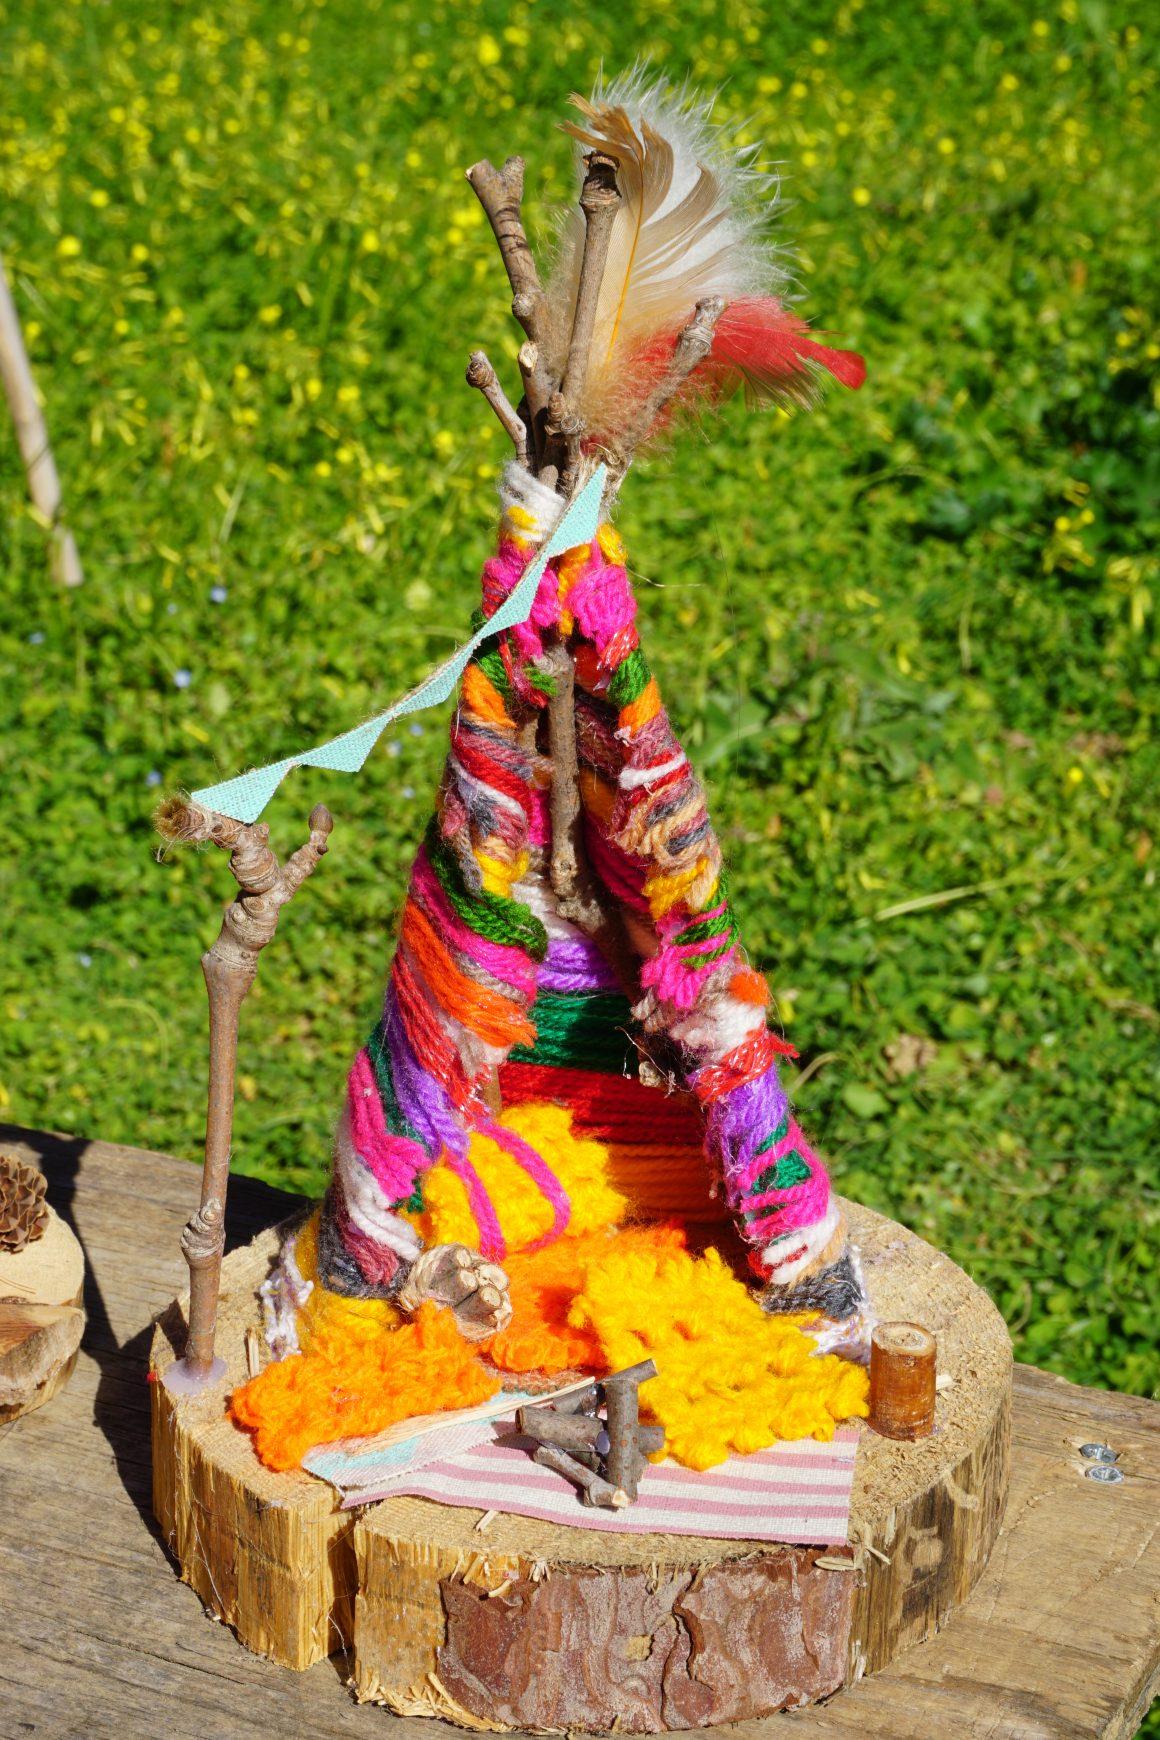 Diy ινδιάνικη σκηνή από κλαδιά και νήματα πλεξίματος